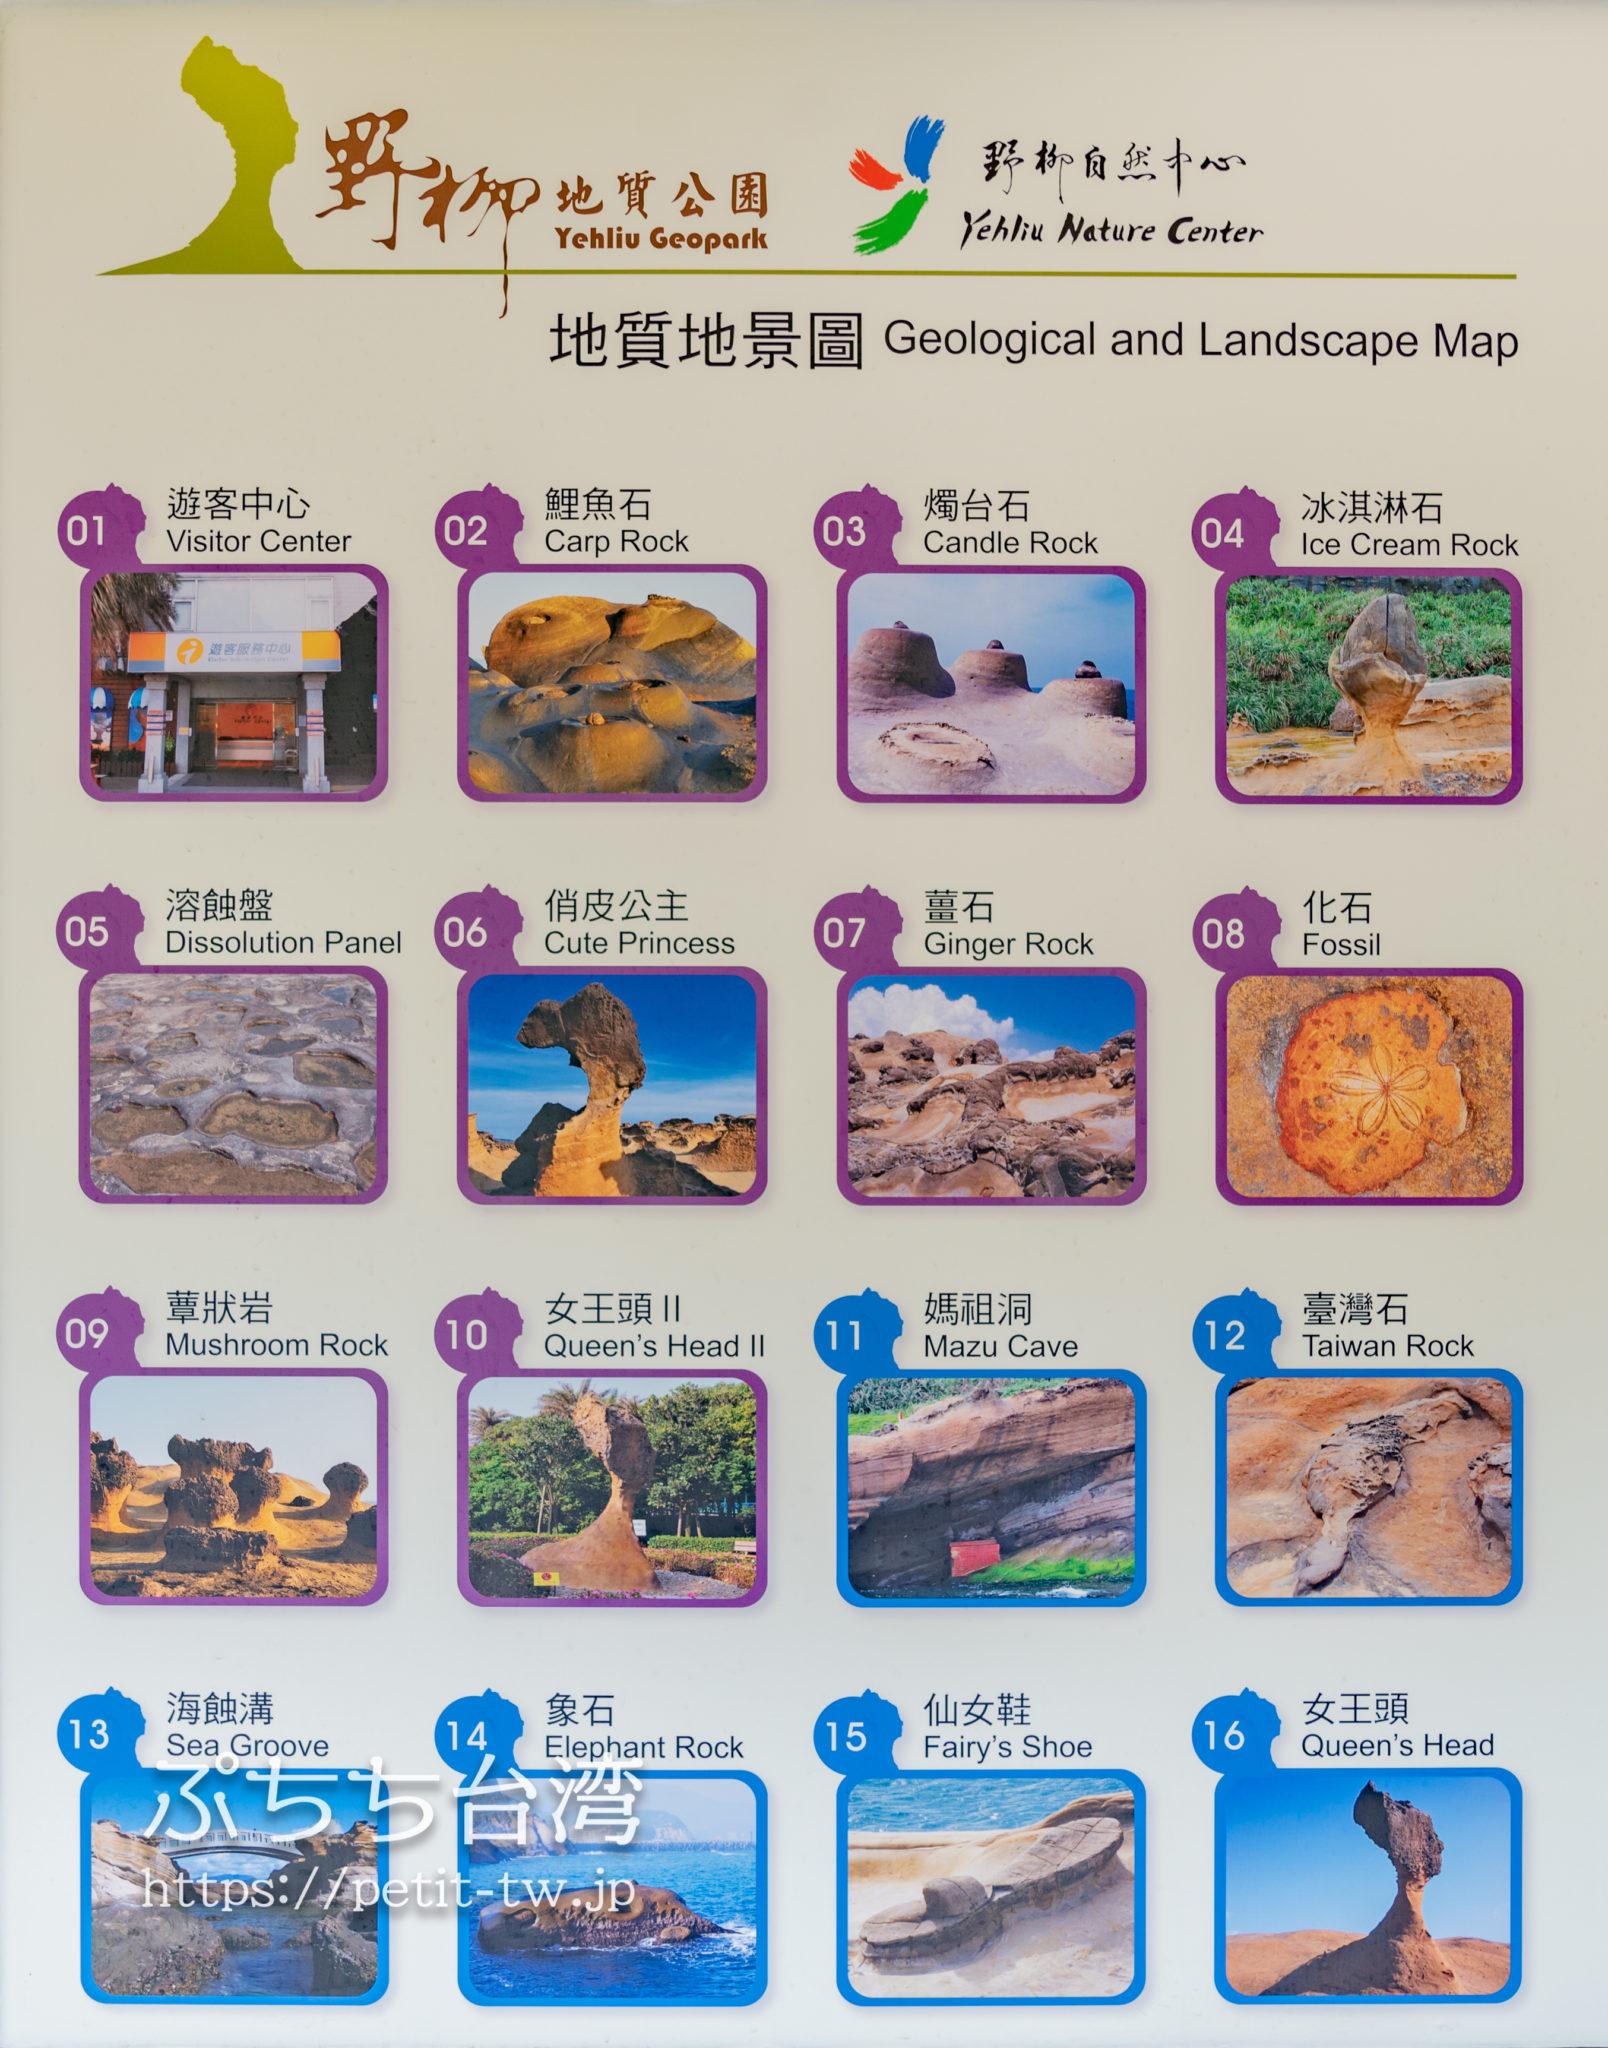 野柳地質公園の奇岩 一覧